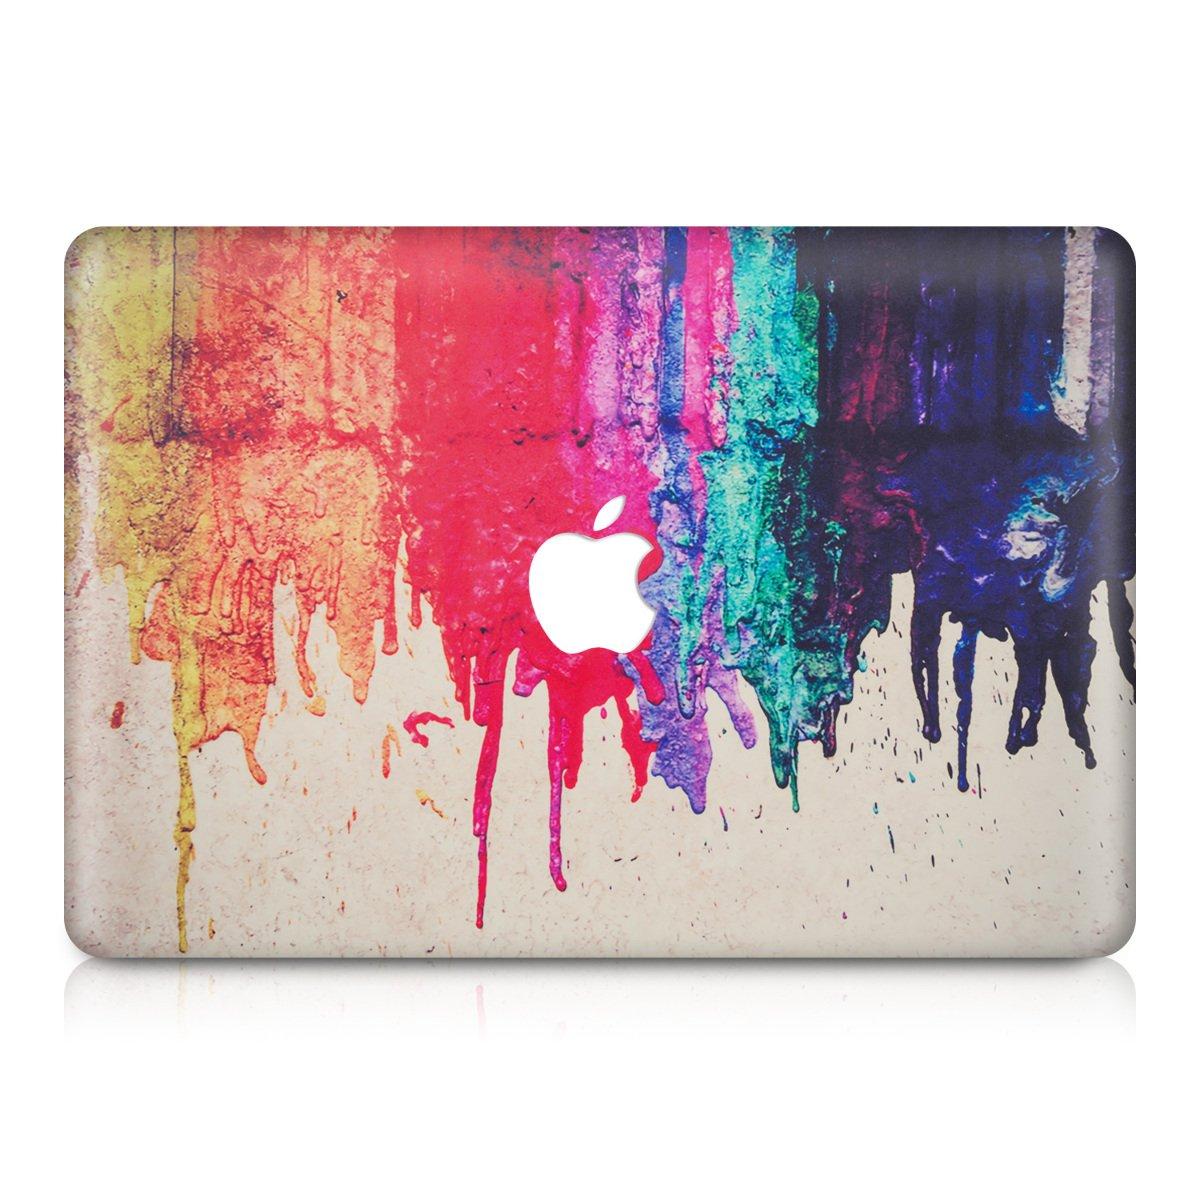 【送料無料(一部地域を除く)】 kwmobile したたる虹カラフルデザイン Apple MacBook Air 13